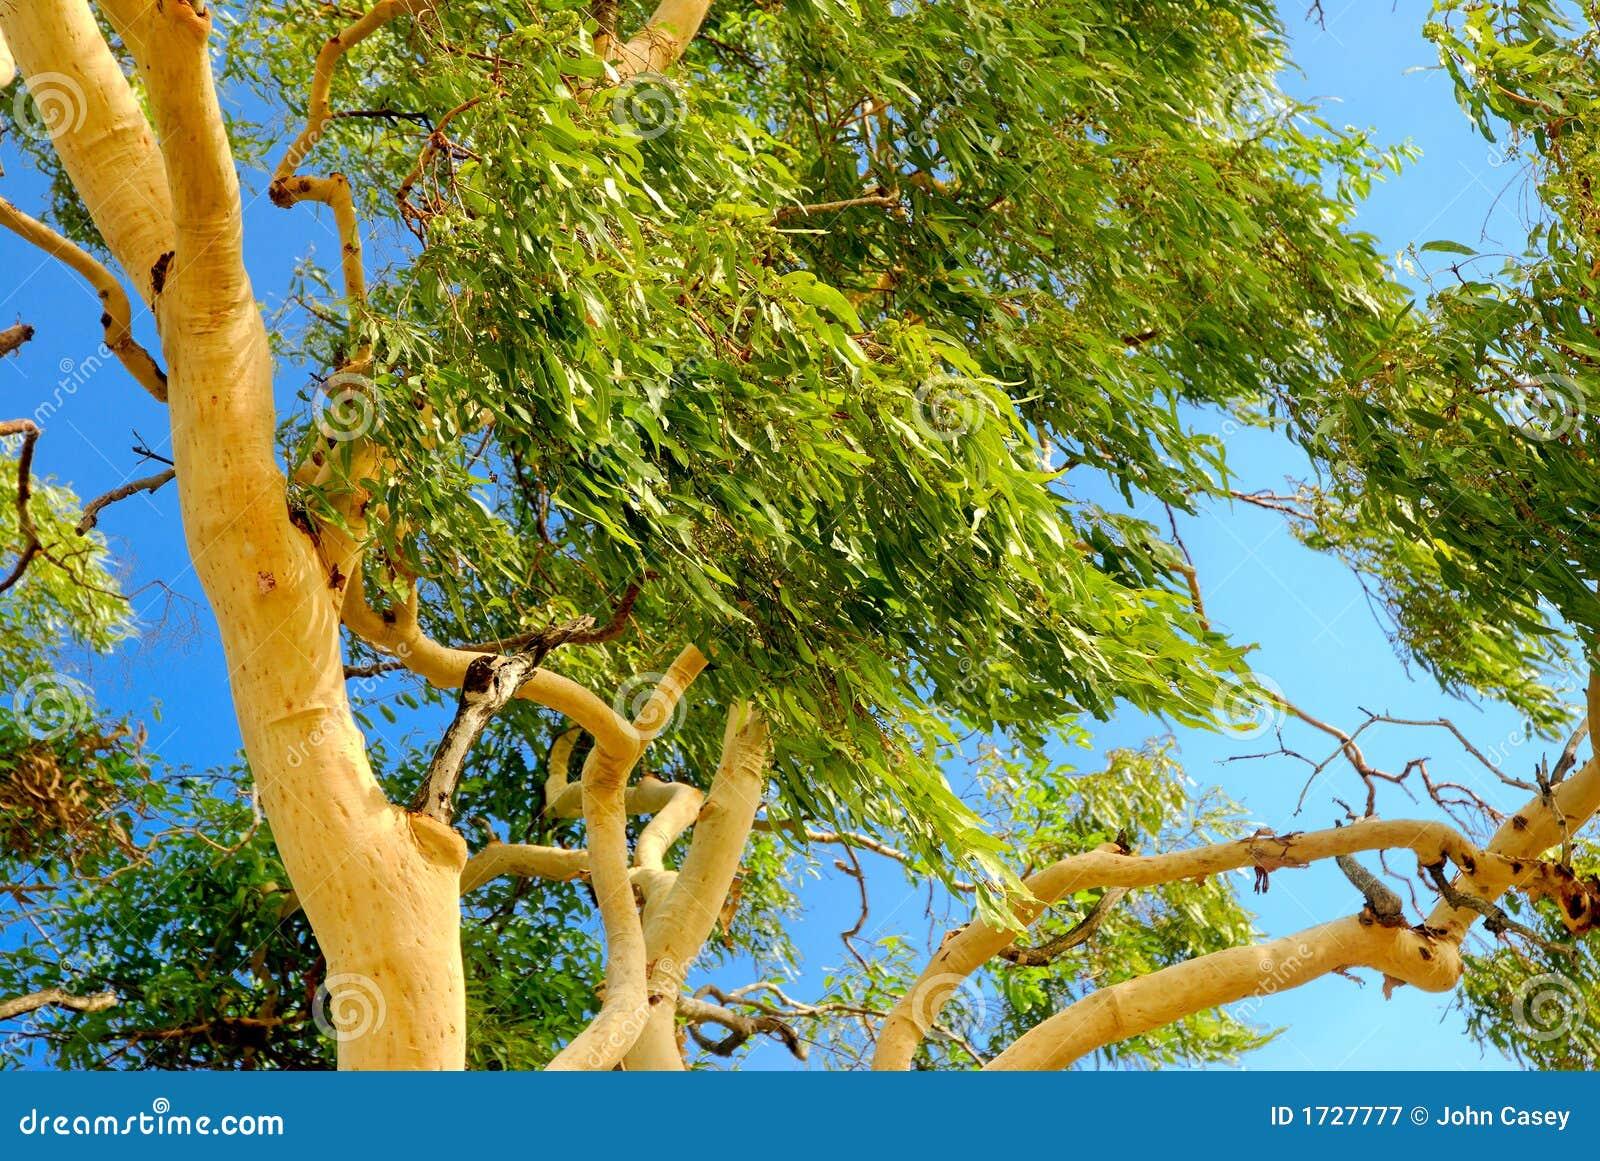 arbre d 39 eucalyptus australien photographie stock libre de droits image 1727777. Black Bedroom Furniture Sets. Home Design Ideas